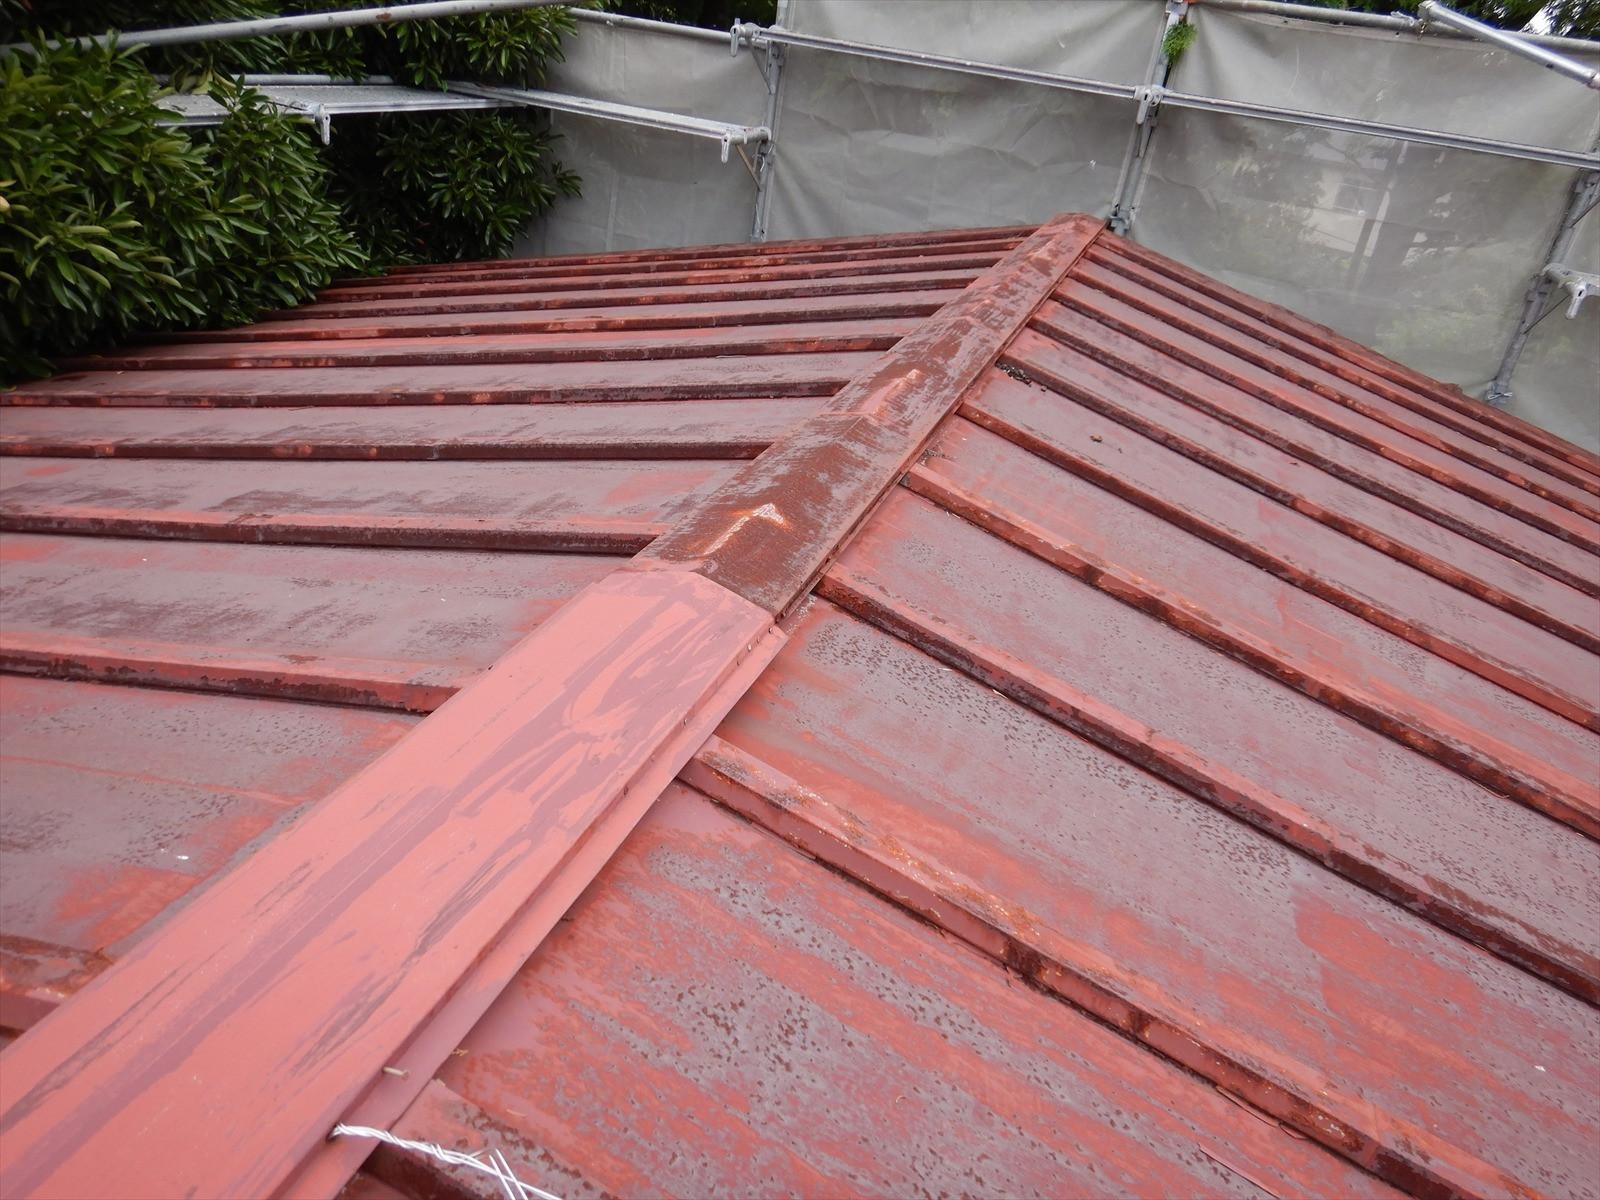 静岡県伊東市 屋根葺き替え工事画像1